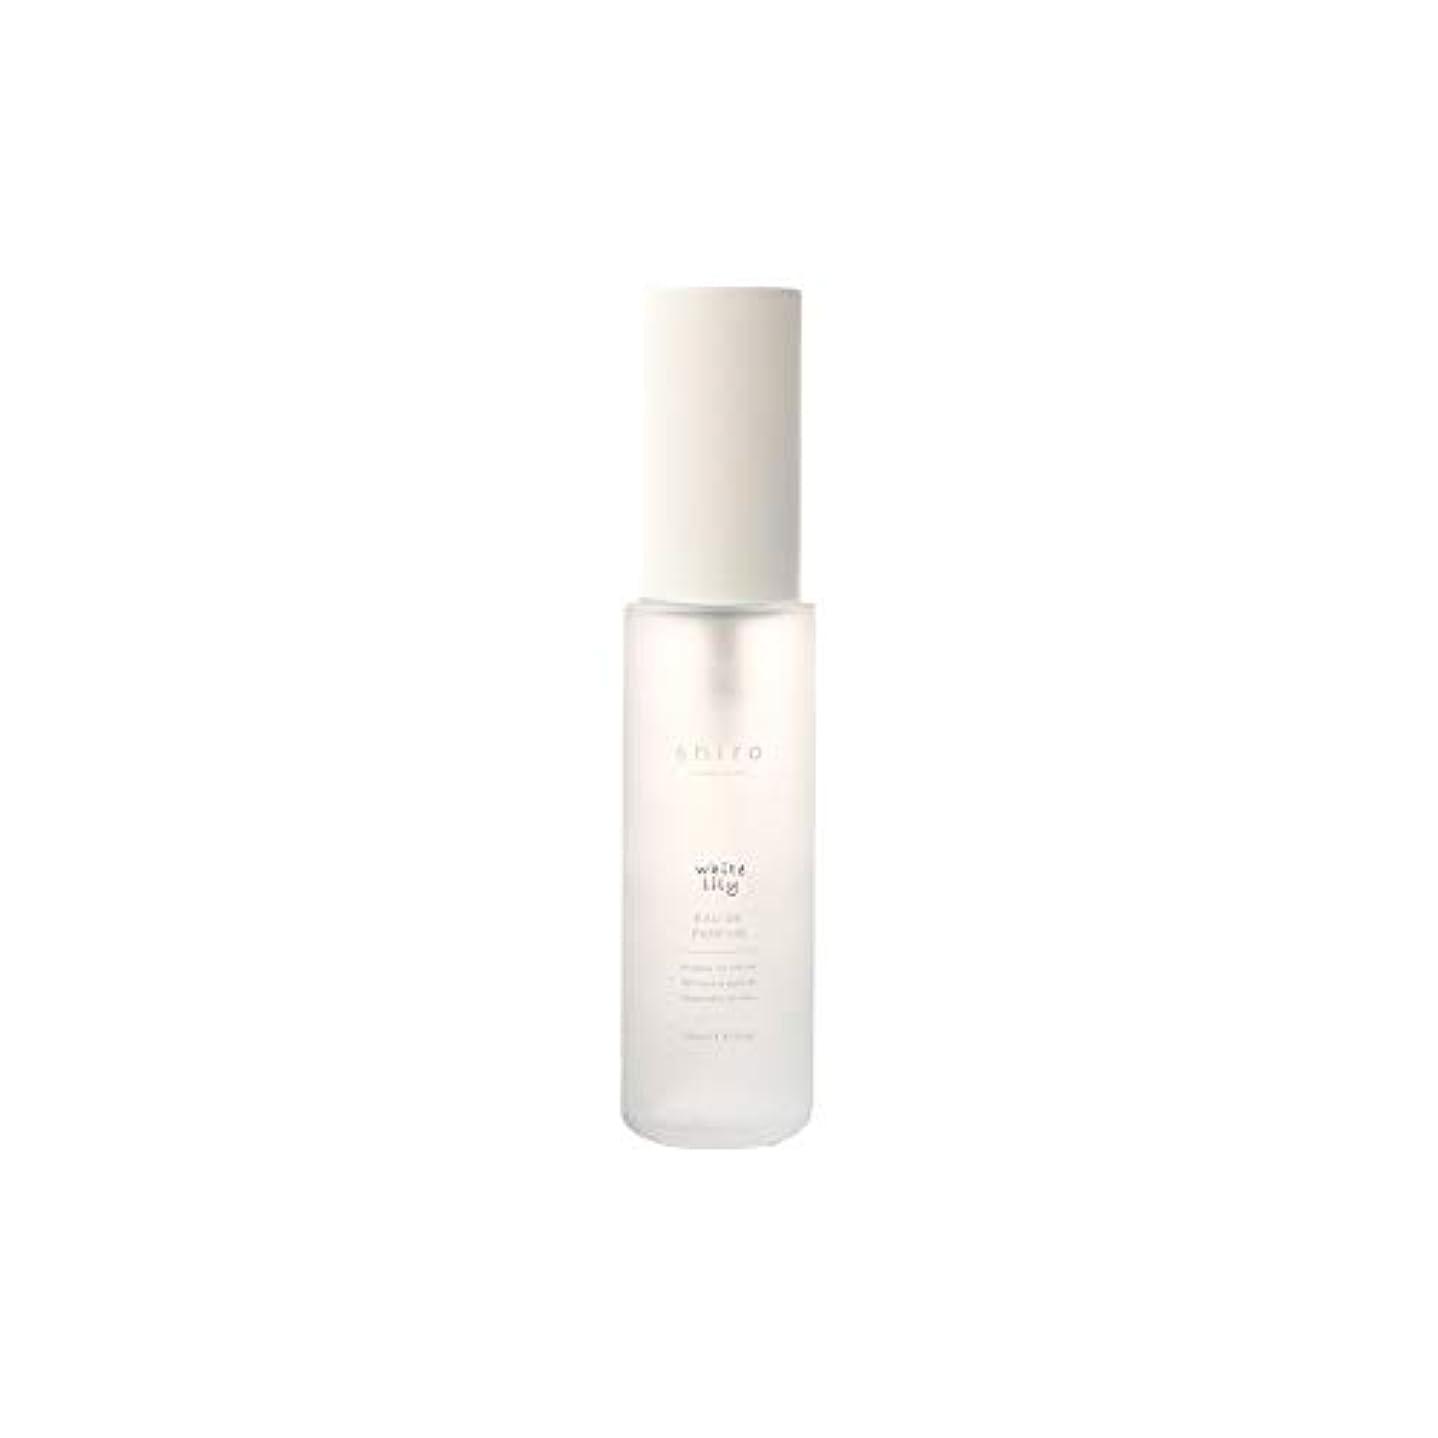 価値完璧なコカインshiro シロ ホワイトリリー オードパルファン 香水 40ml (長時間持続)